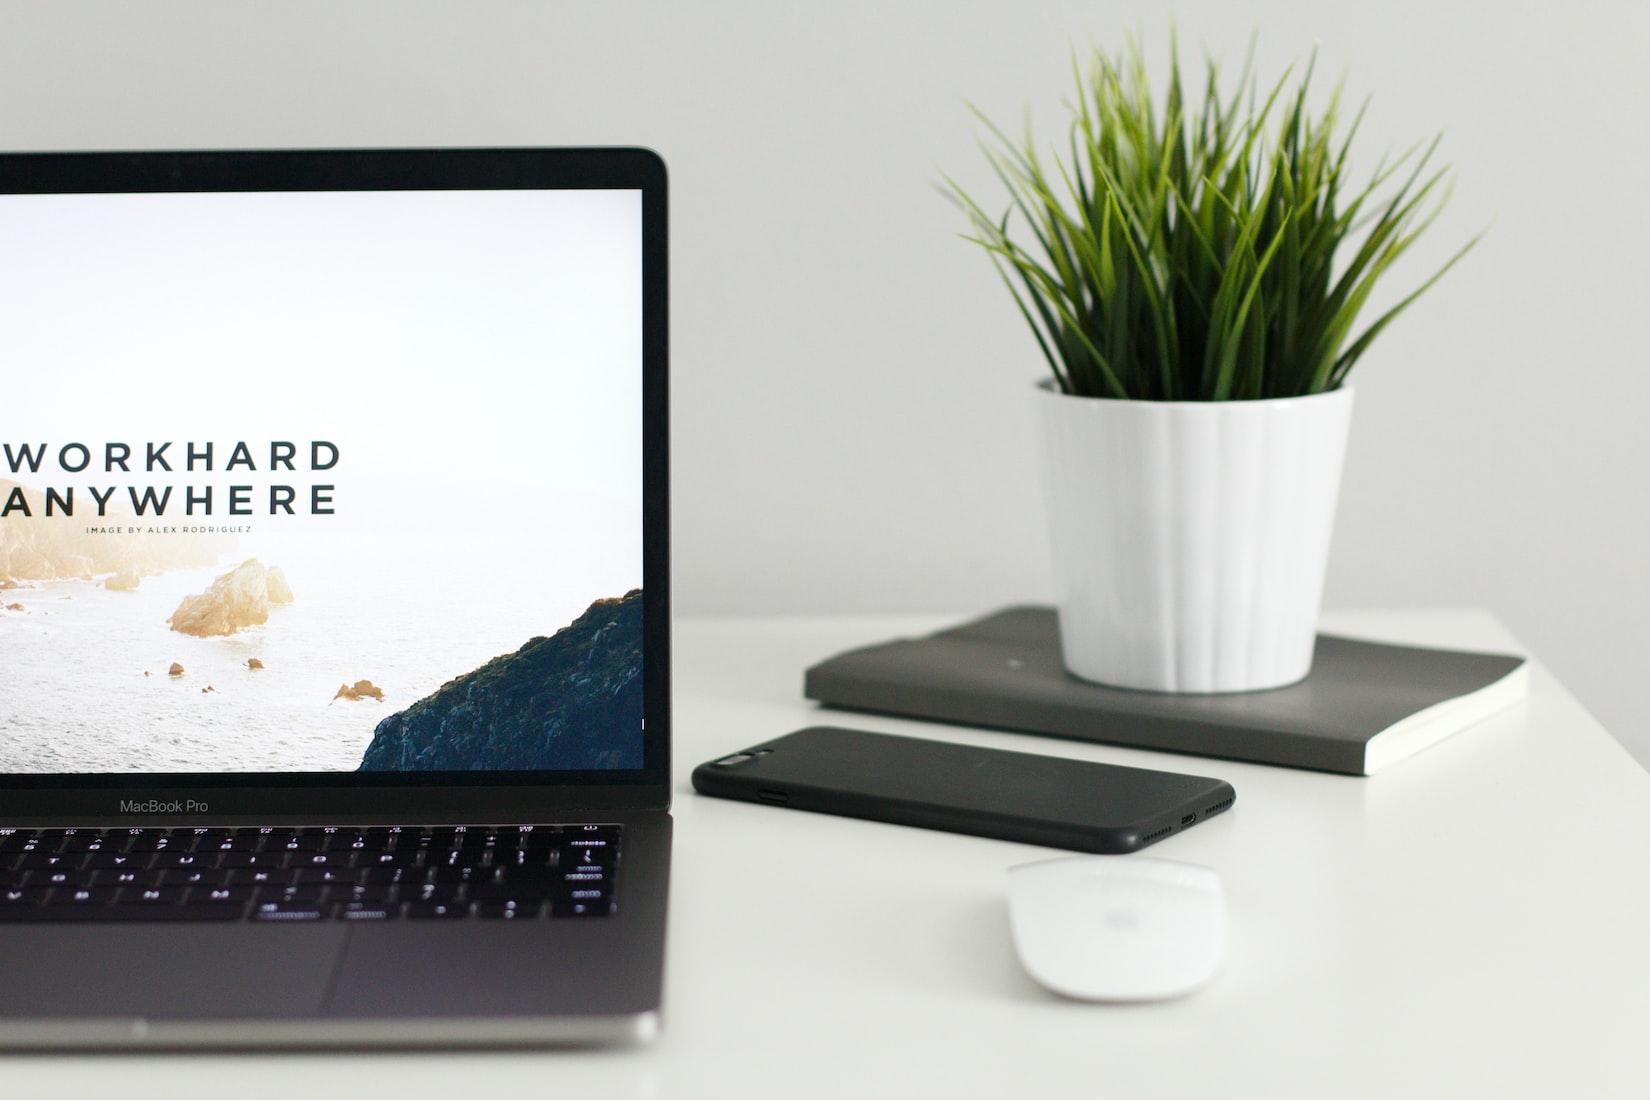 パソコンと植物